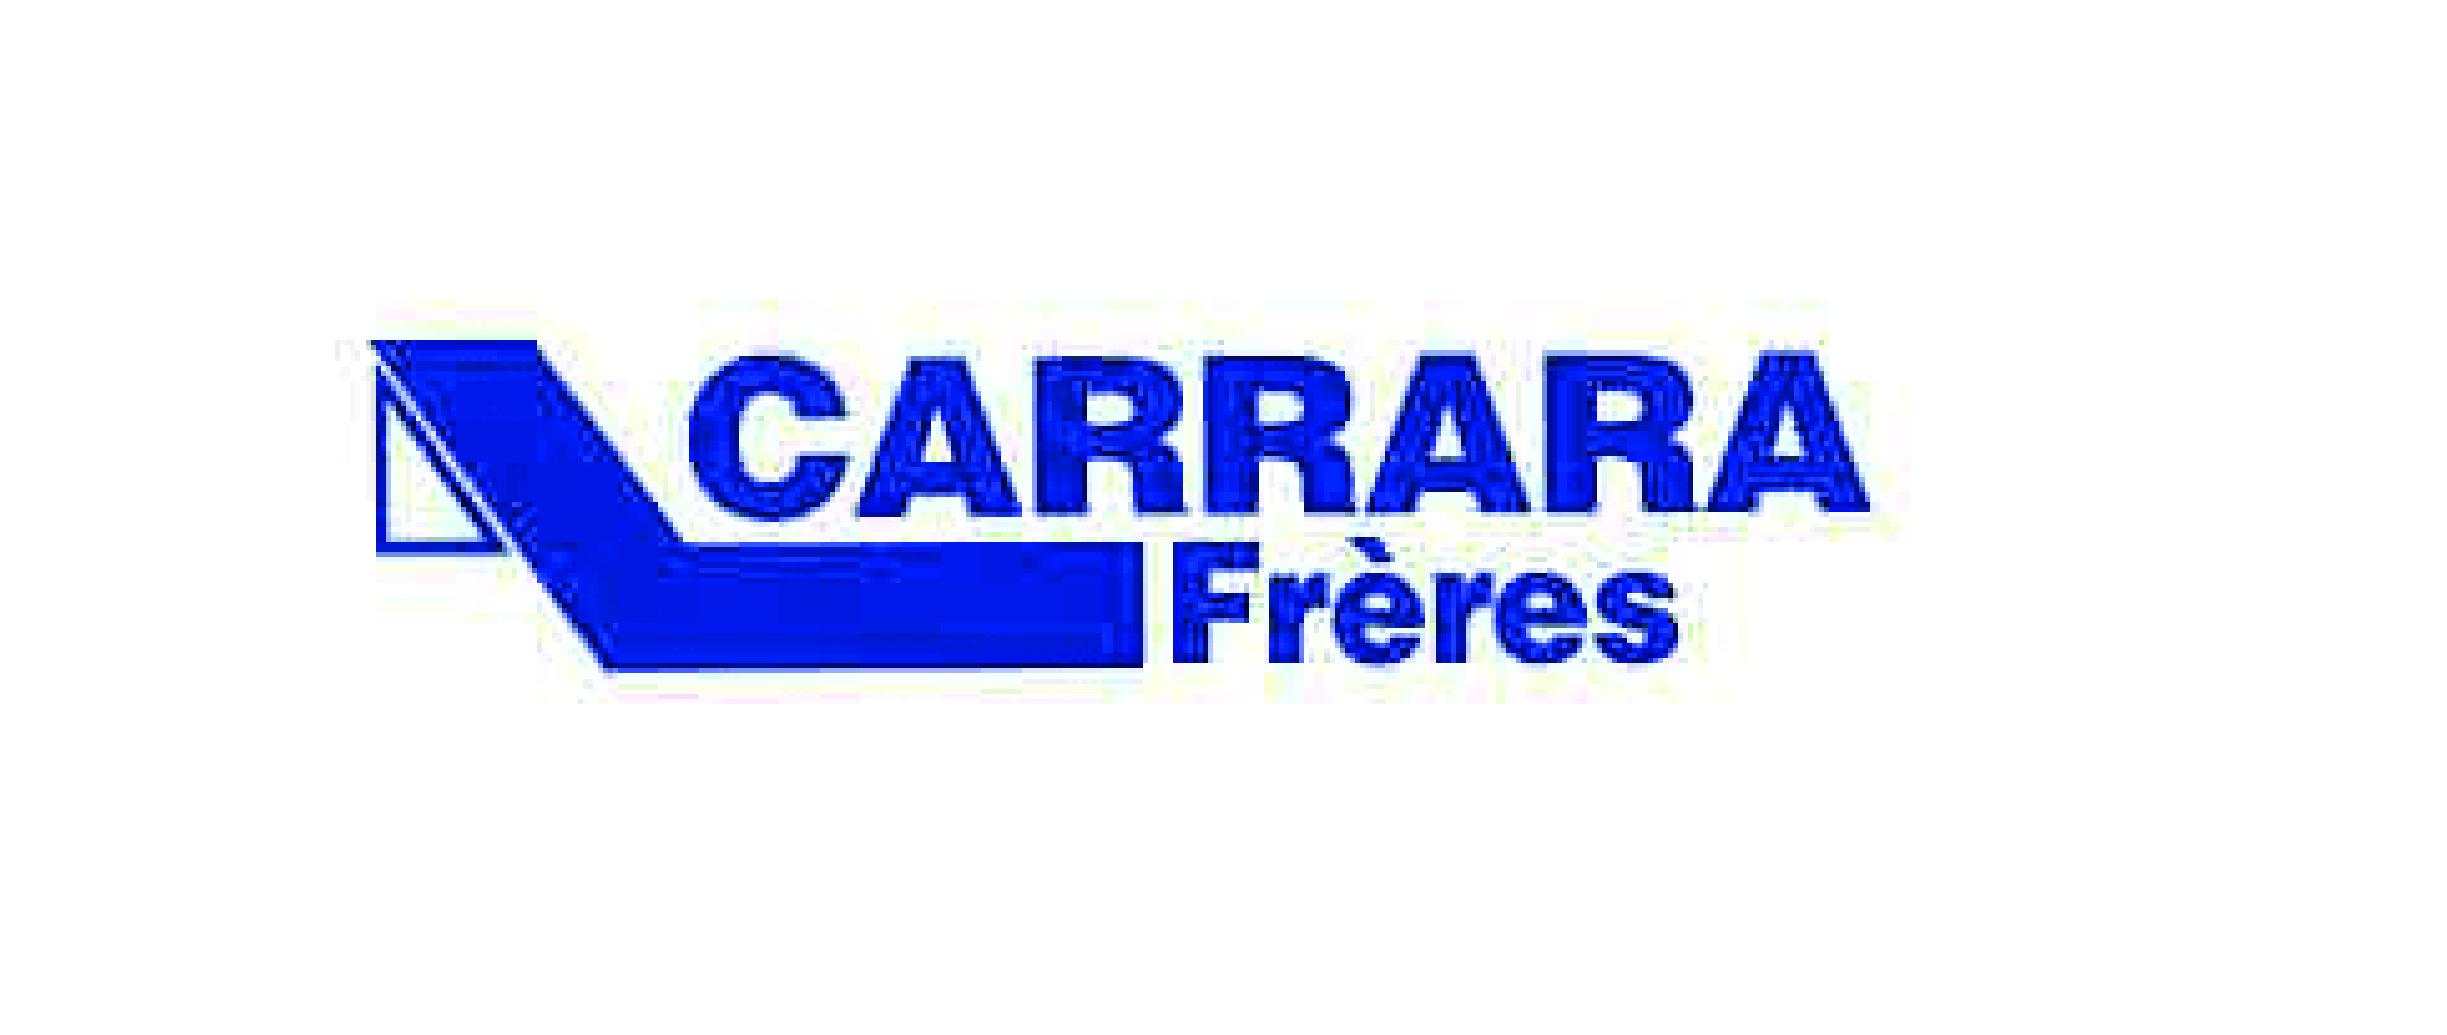 Carrara_freres